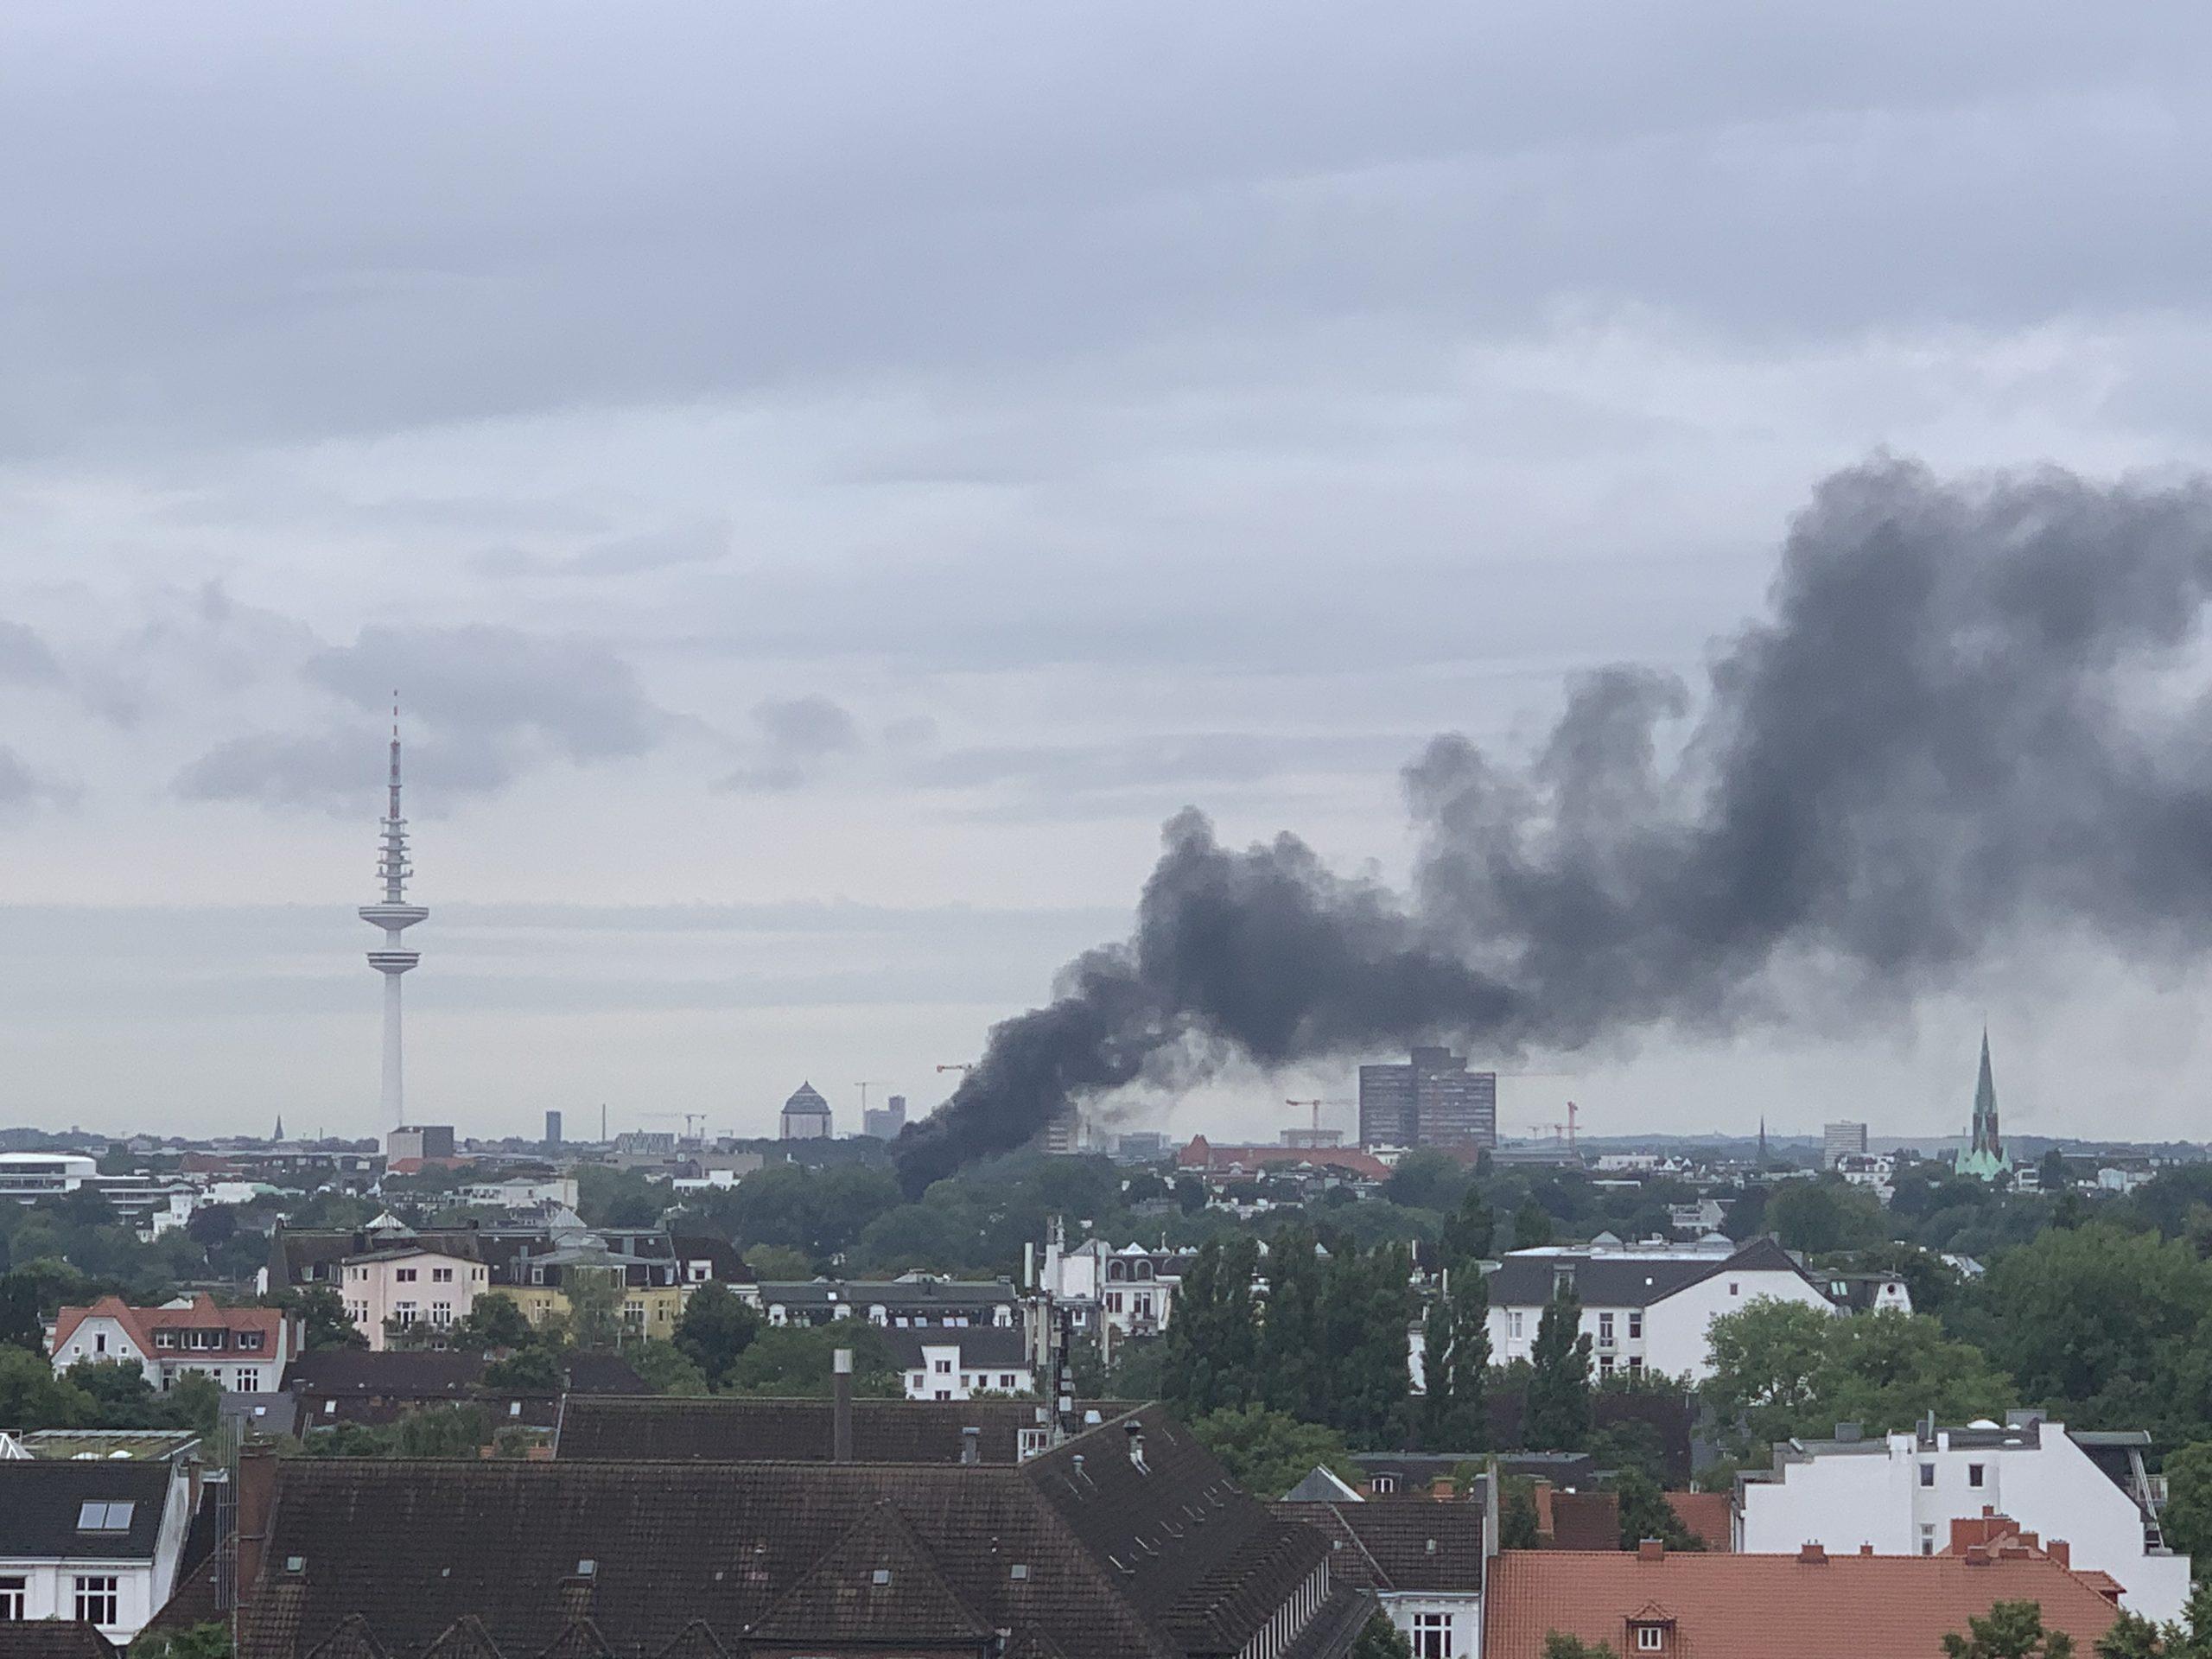 Die Rauchwolke legte sich über den Hamburger Stadtteil Rotherbaum.